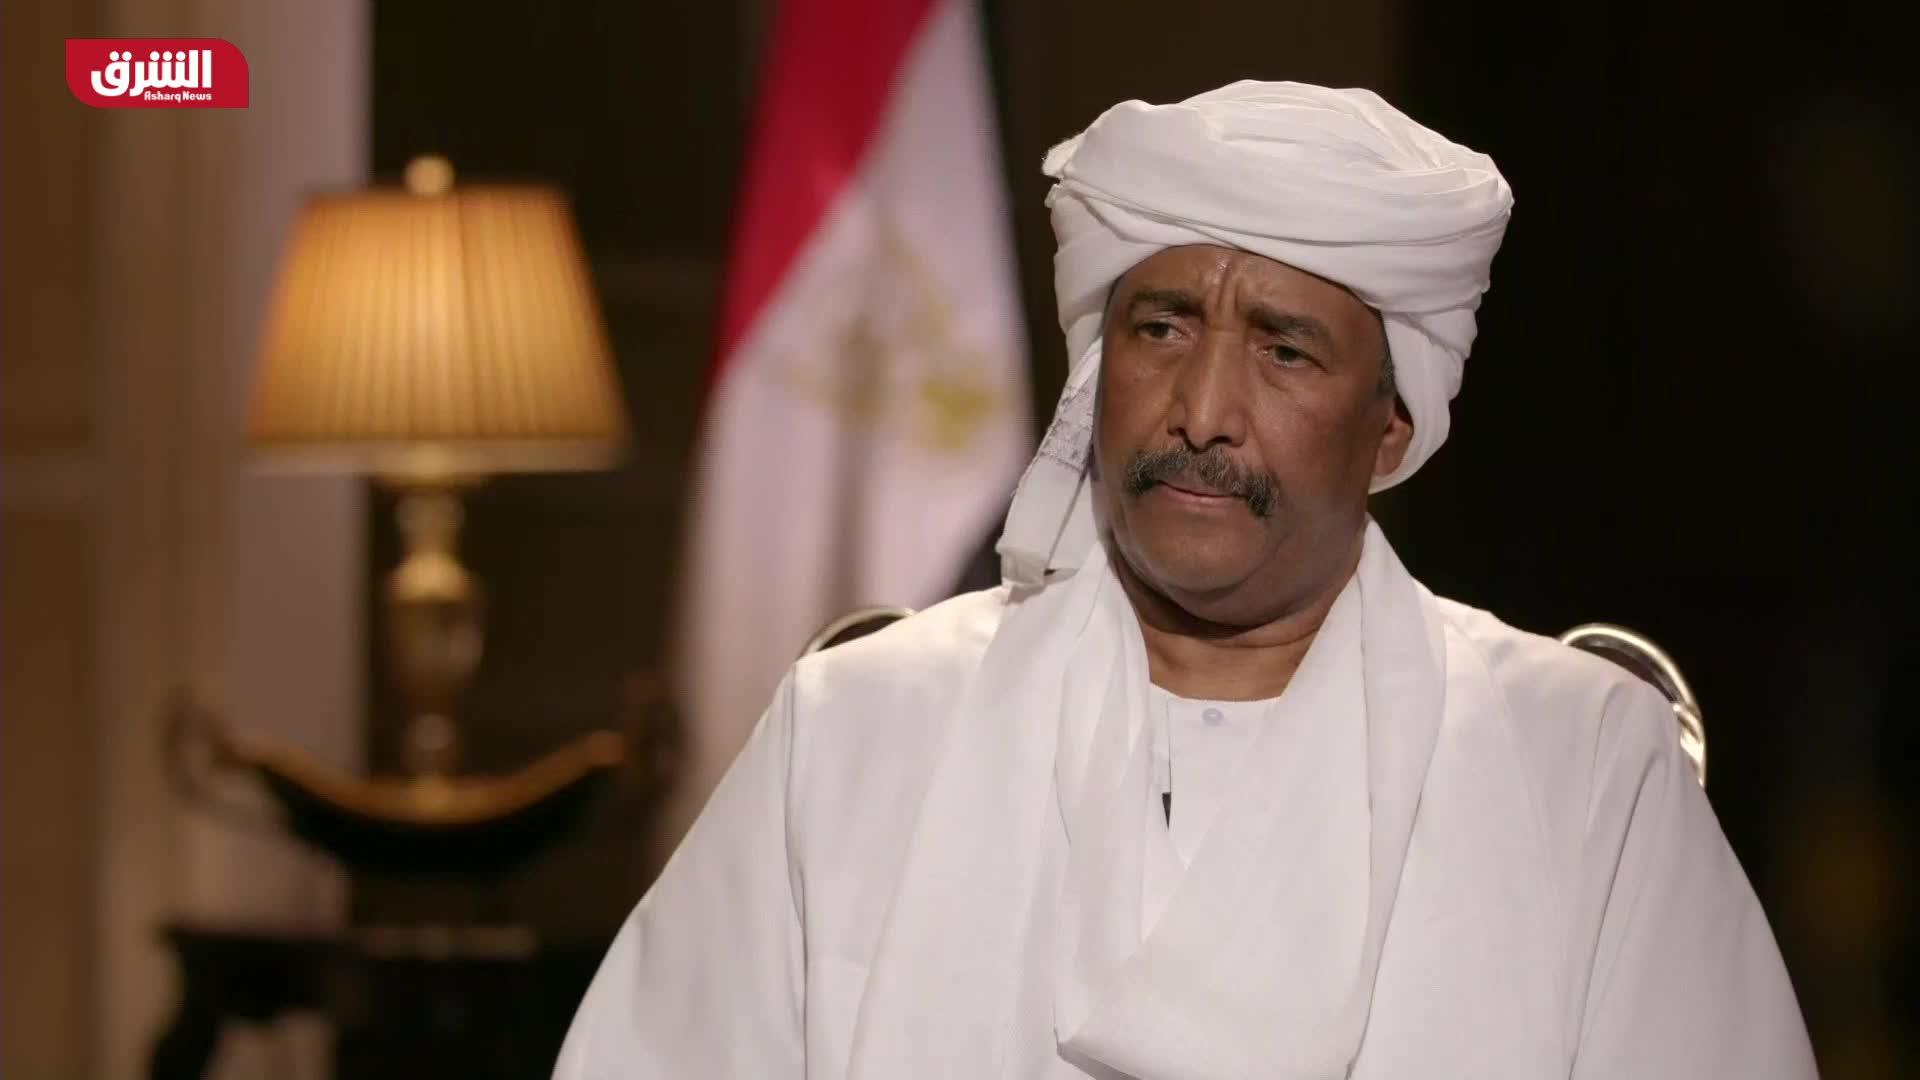 مقابلة خاصة مع عبد الفتاح البرهان رئيس مجلس السيادة الانتقالي في السودان